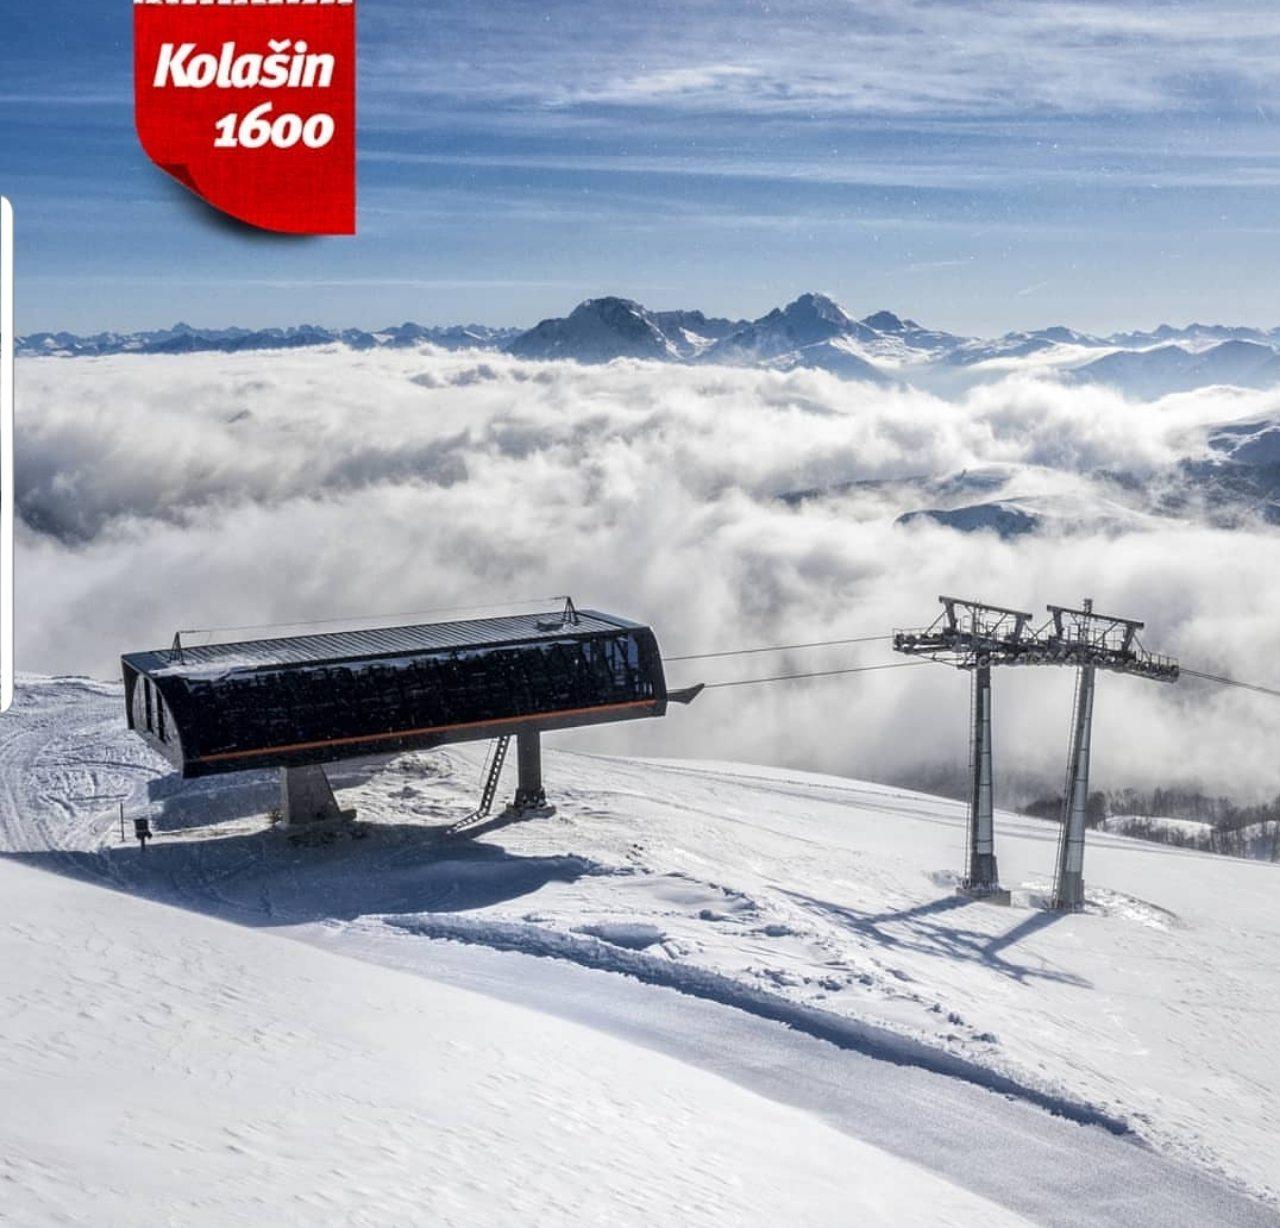 Predsjednik Smolović na poziv Predsjednika Vlade prisustvovao otvaranju Ski centra 1600 u Kolašinu